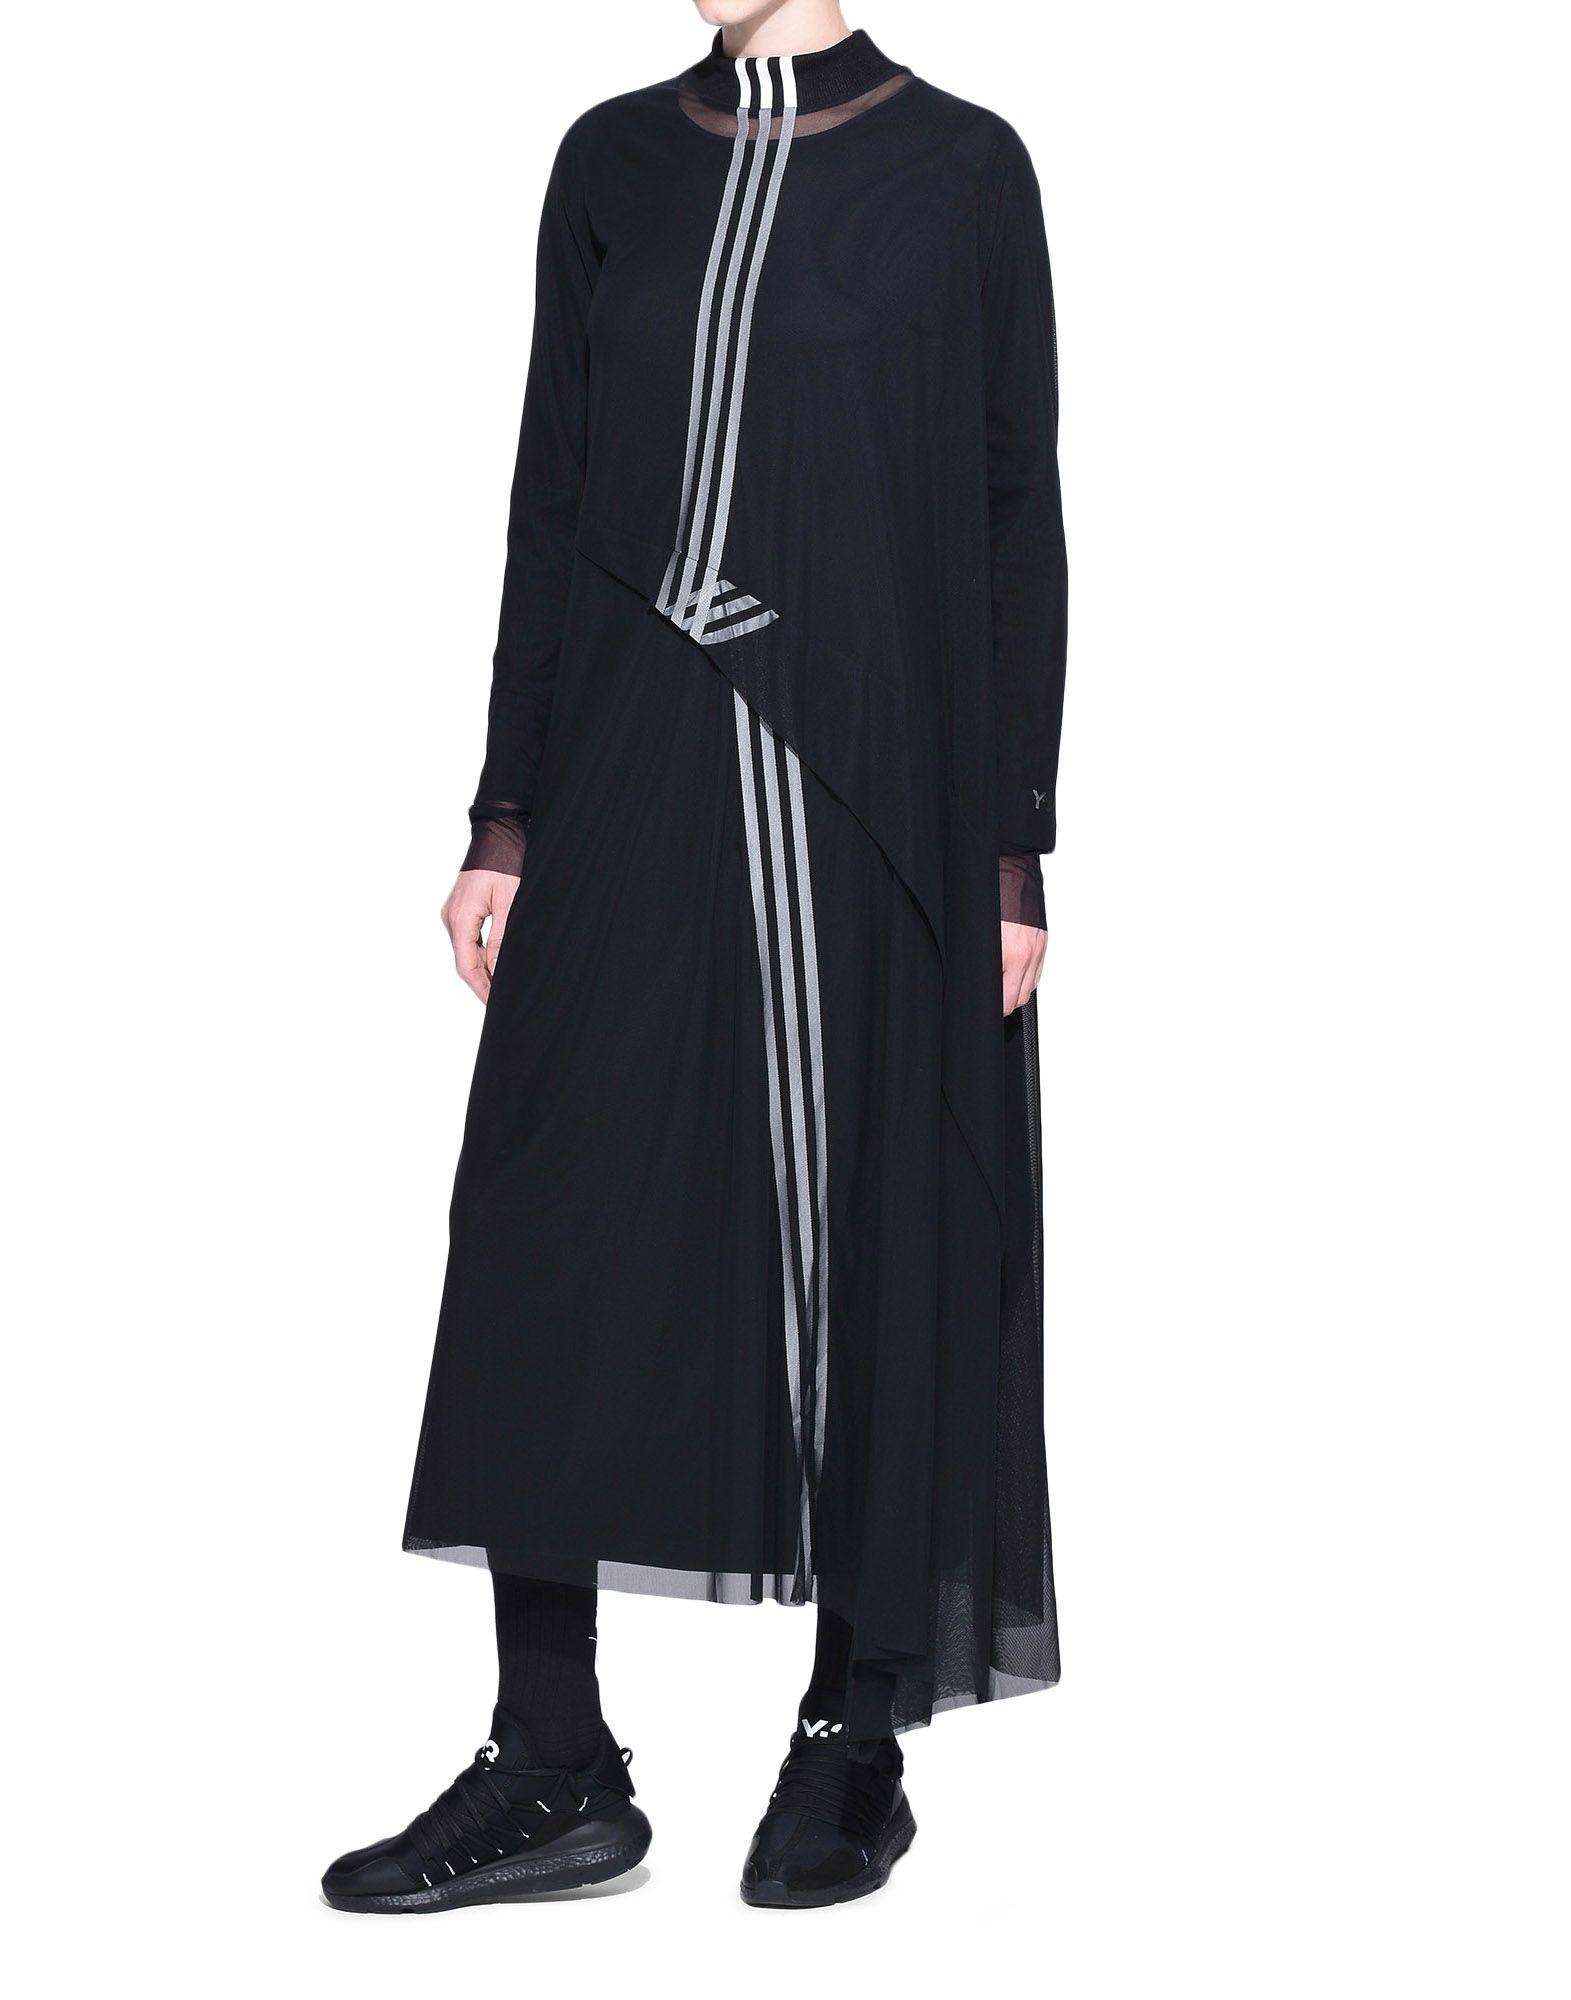 Y-3 Y-3 3-Stripes Mesh Dress Длинное платье Для Женщин a